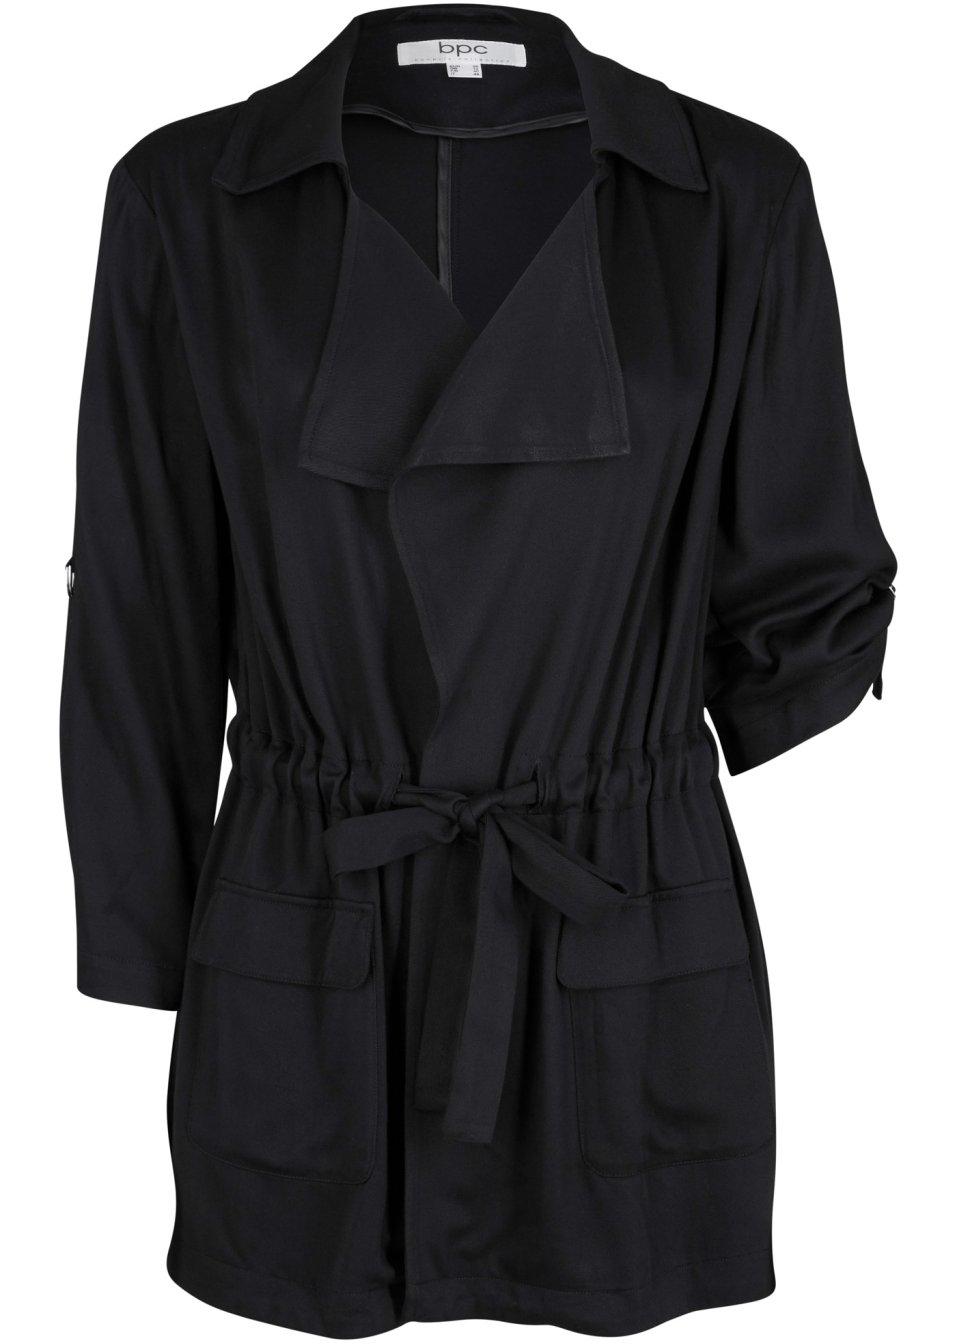 Modische Viskose Blusenjacke mit Revers - schwarz msN9u w4PXd